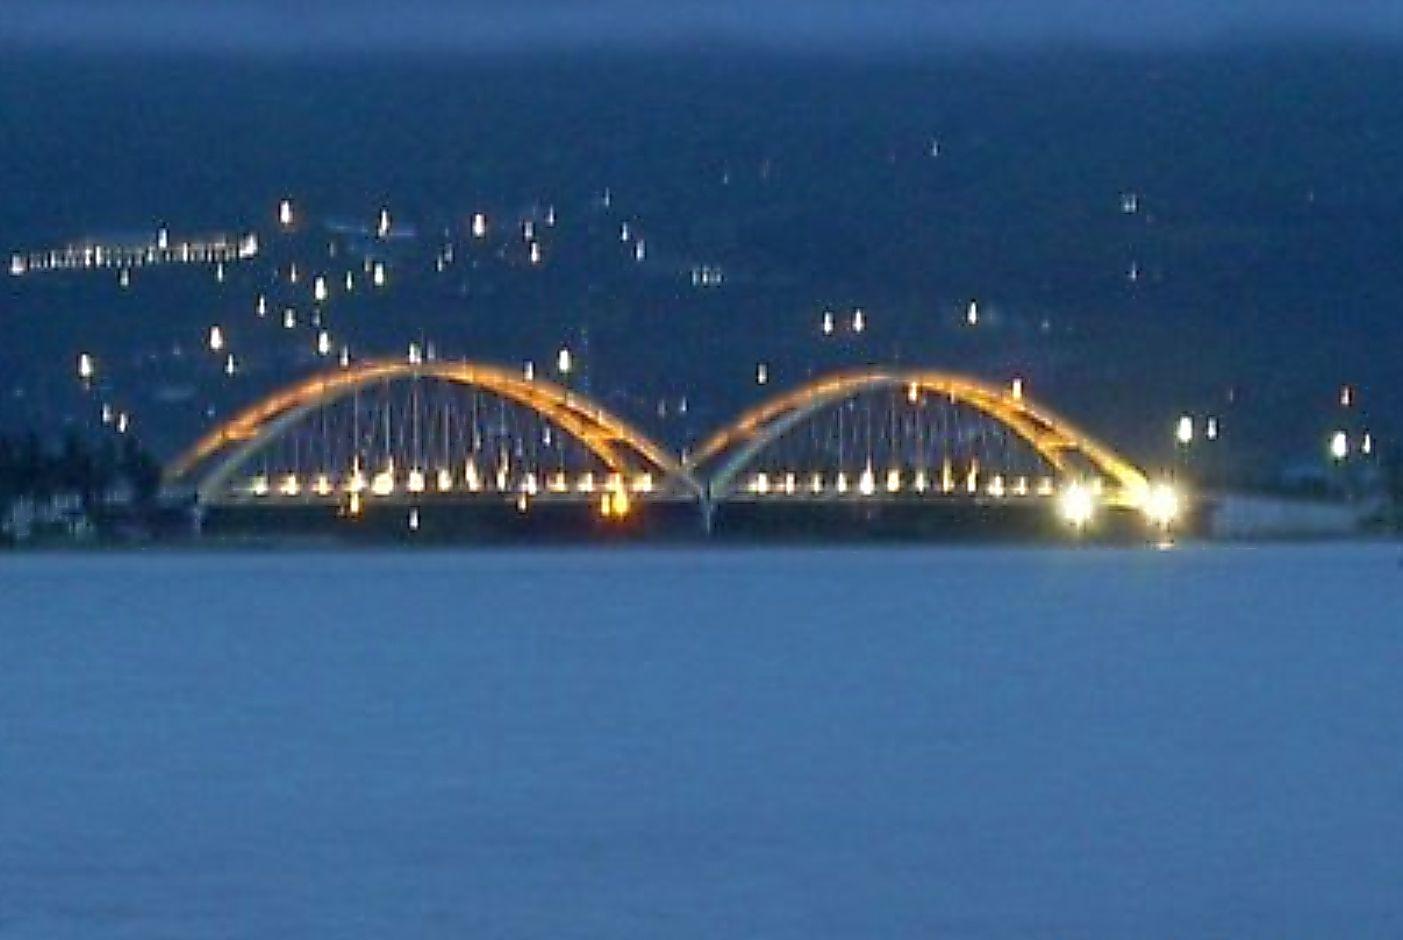 Tampungan Panorama Alam Palu Sekitarnya Jembatan Teluk Waktu Malam Iv